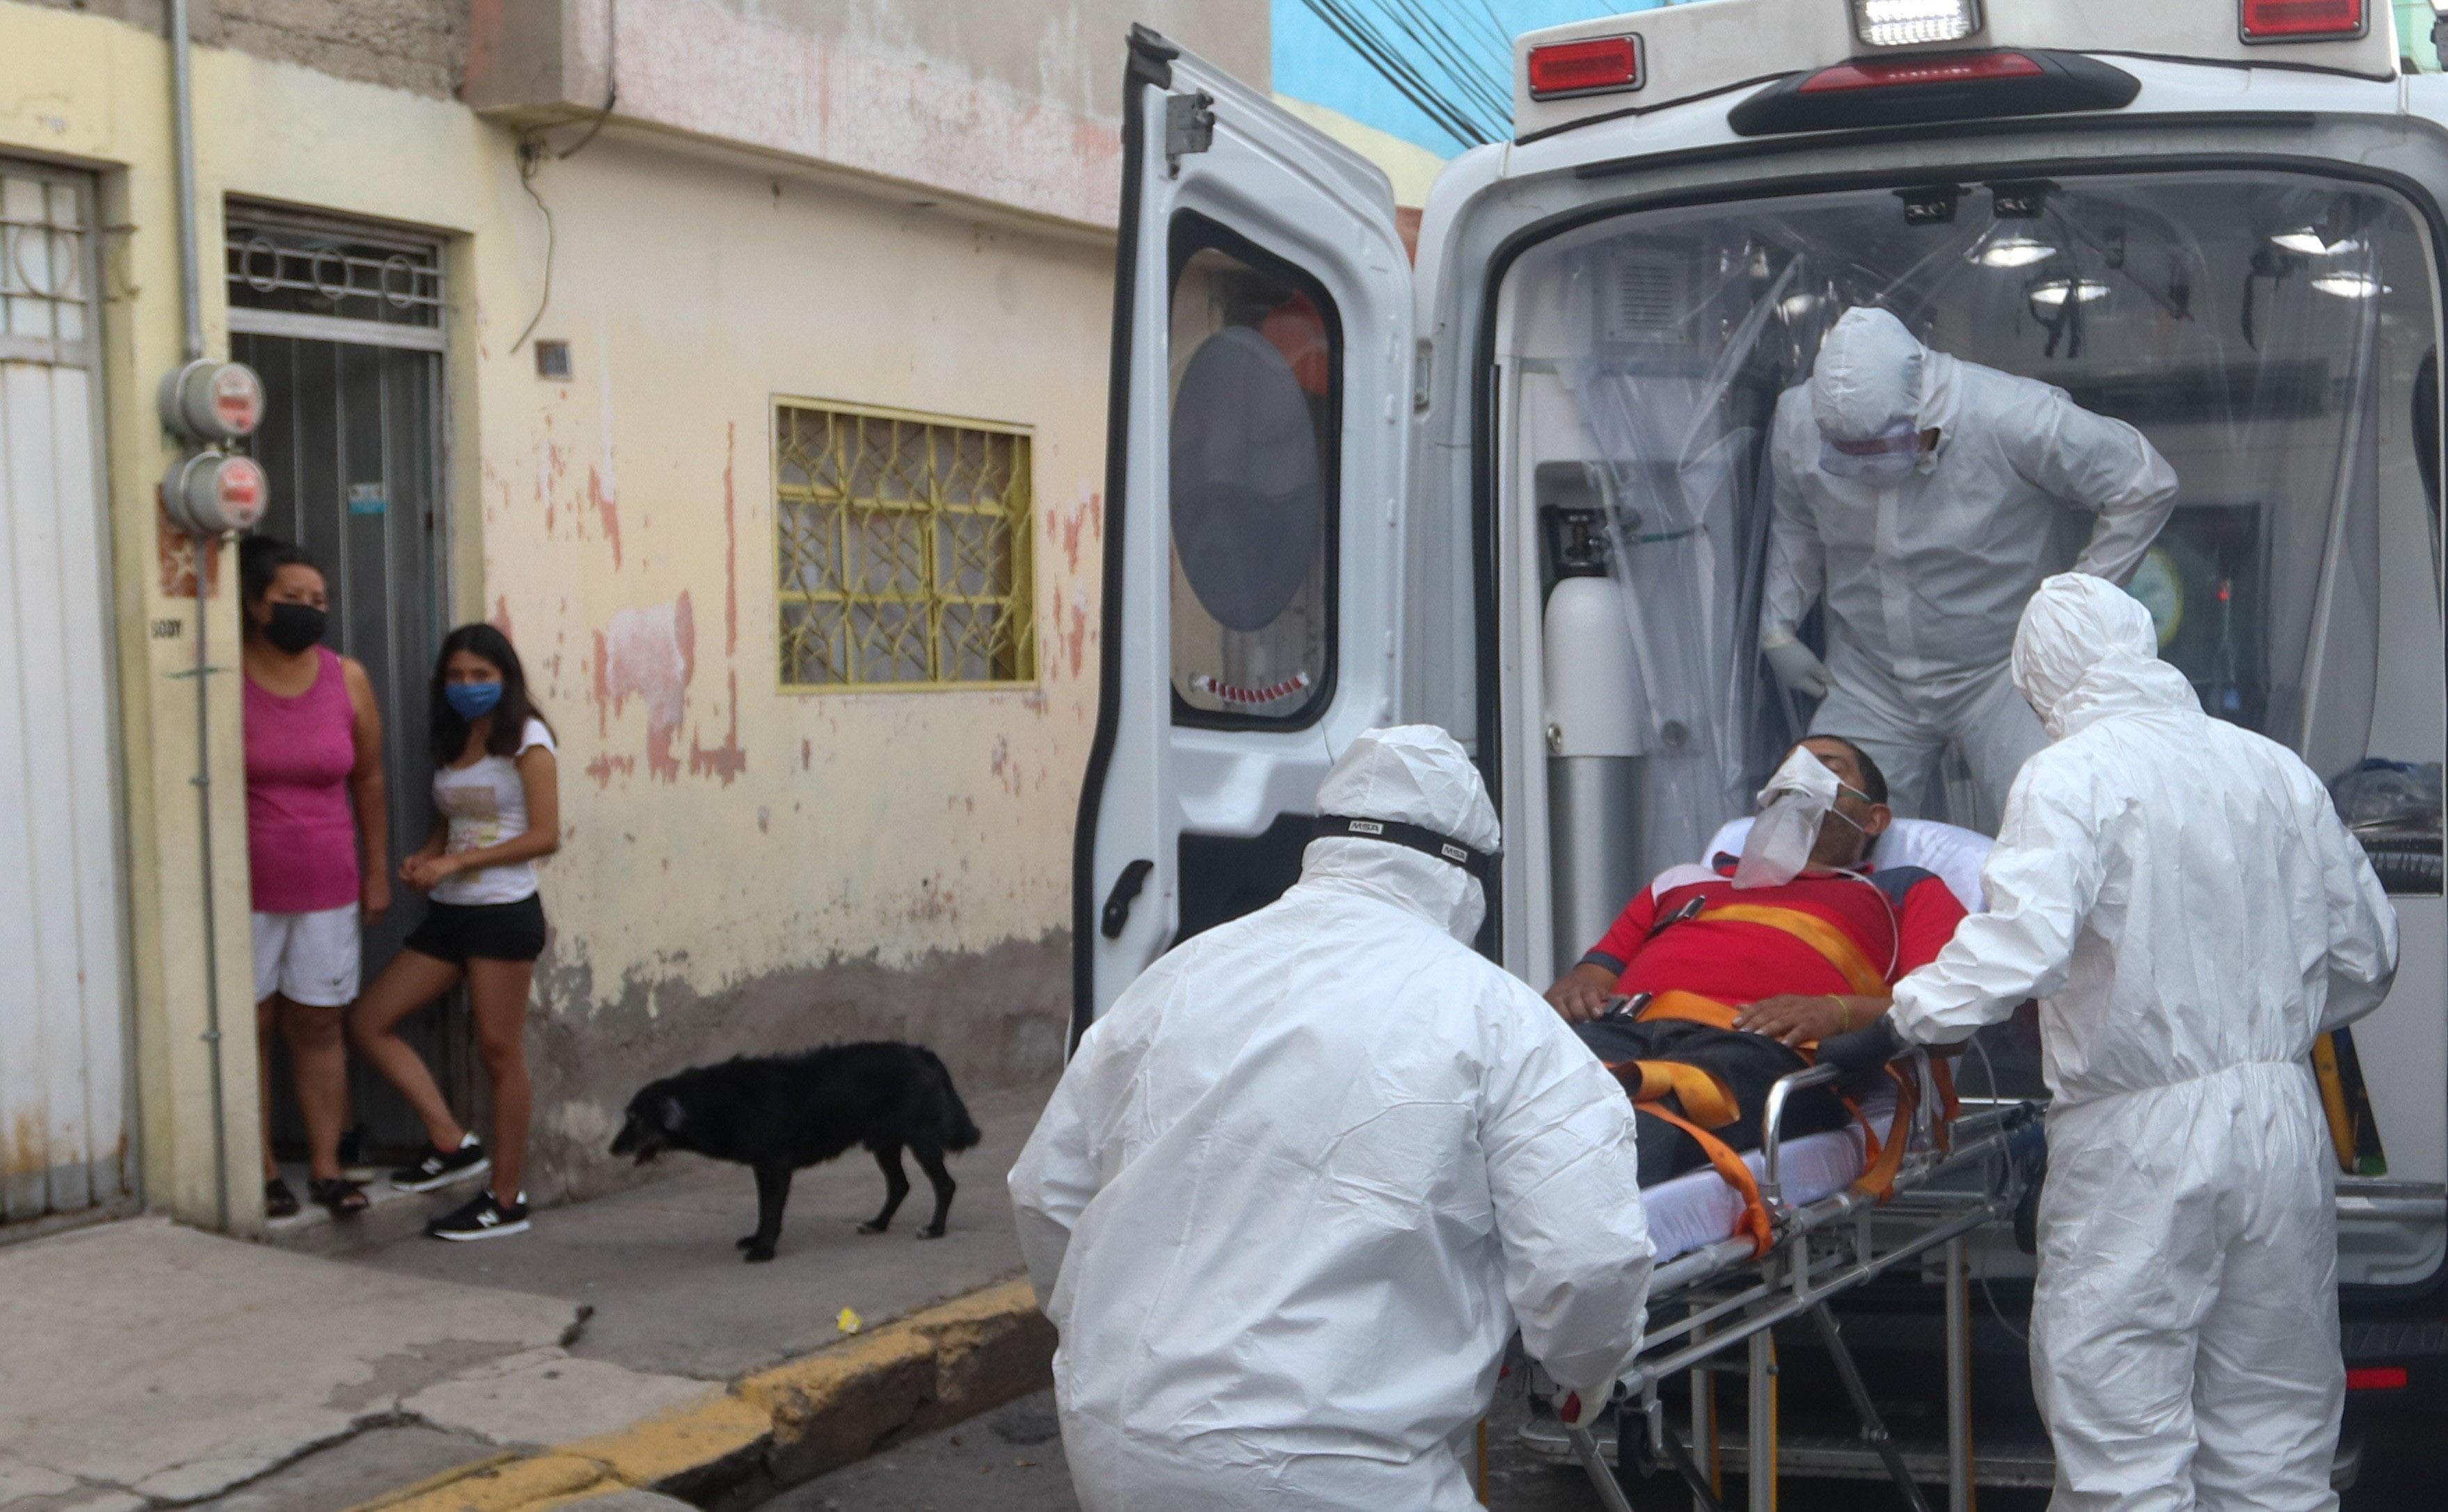 Los paramédicos Ángel Galicia, Dyan González y Nicolás Rodríguez trasladaron a un paciente con síntomas de Covid-19 en una Ambulacia para ser llevado al Hospital Regional de Alta Especialidad Ixtapaluca